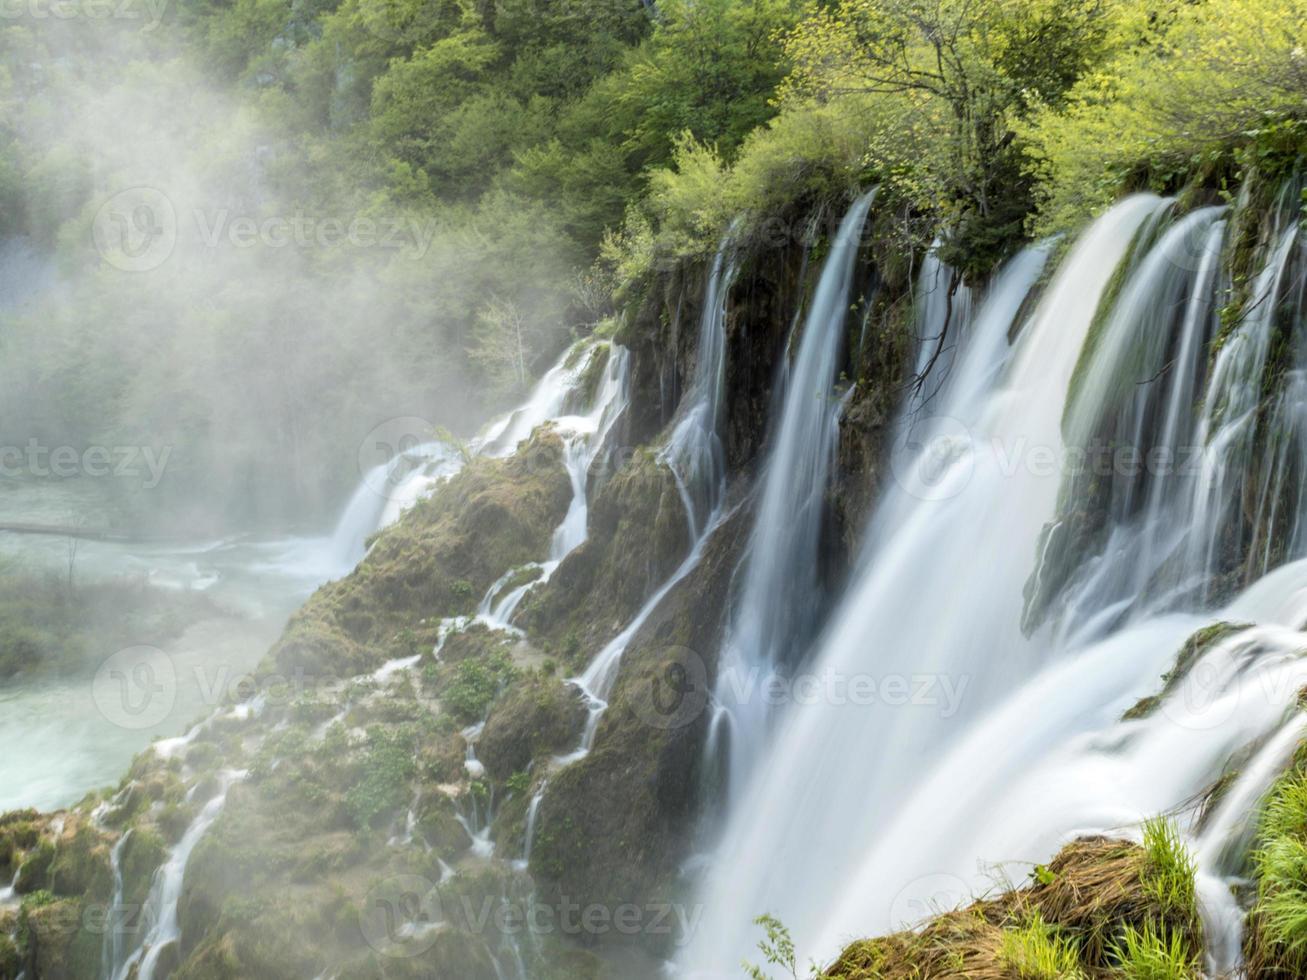 de schoonheid van de bossen, meren en watervallen van Plitvice. foto